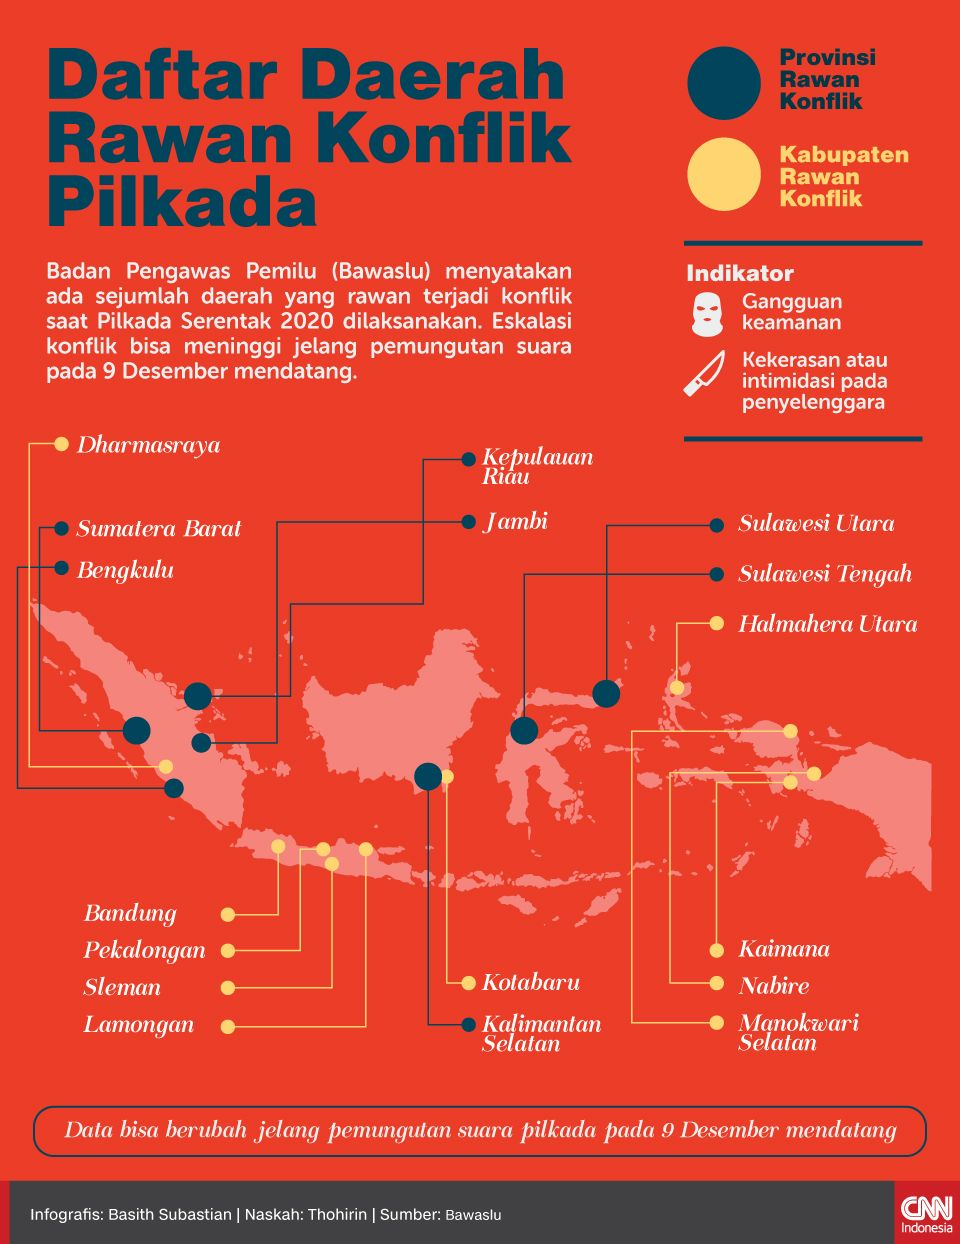 Infografis Daftar Daerah Rawan Konflik Pilkada